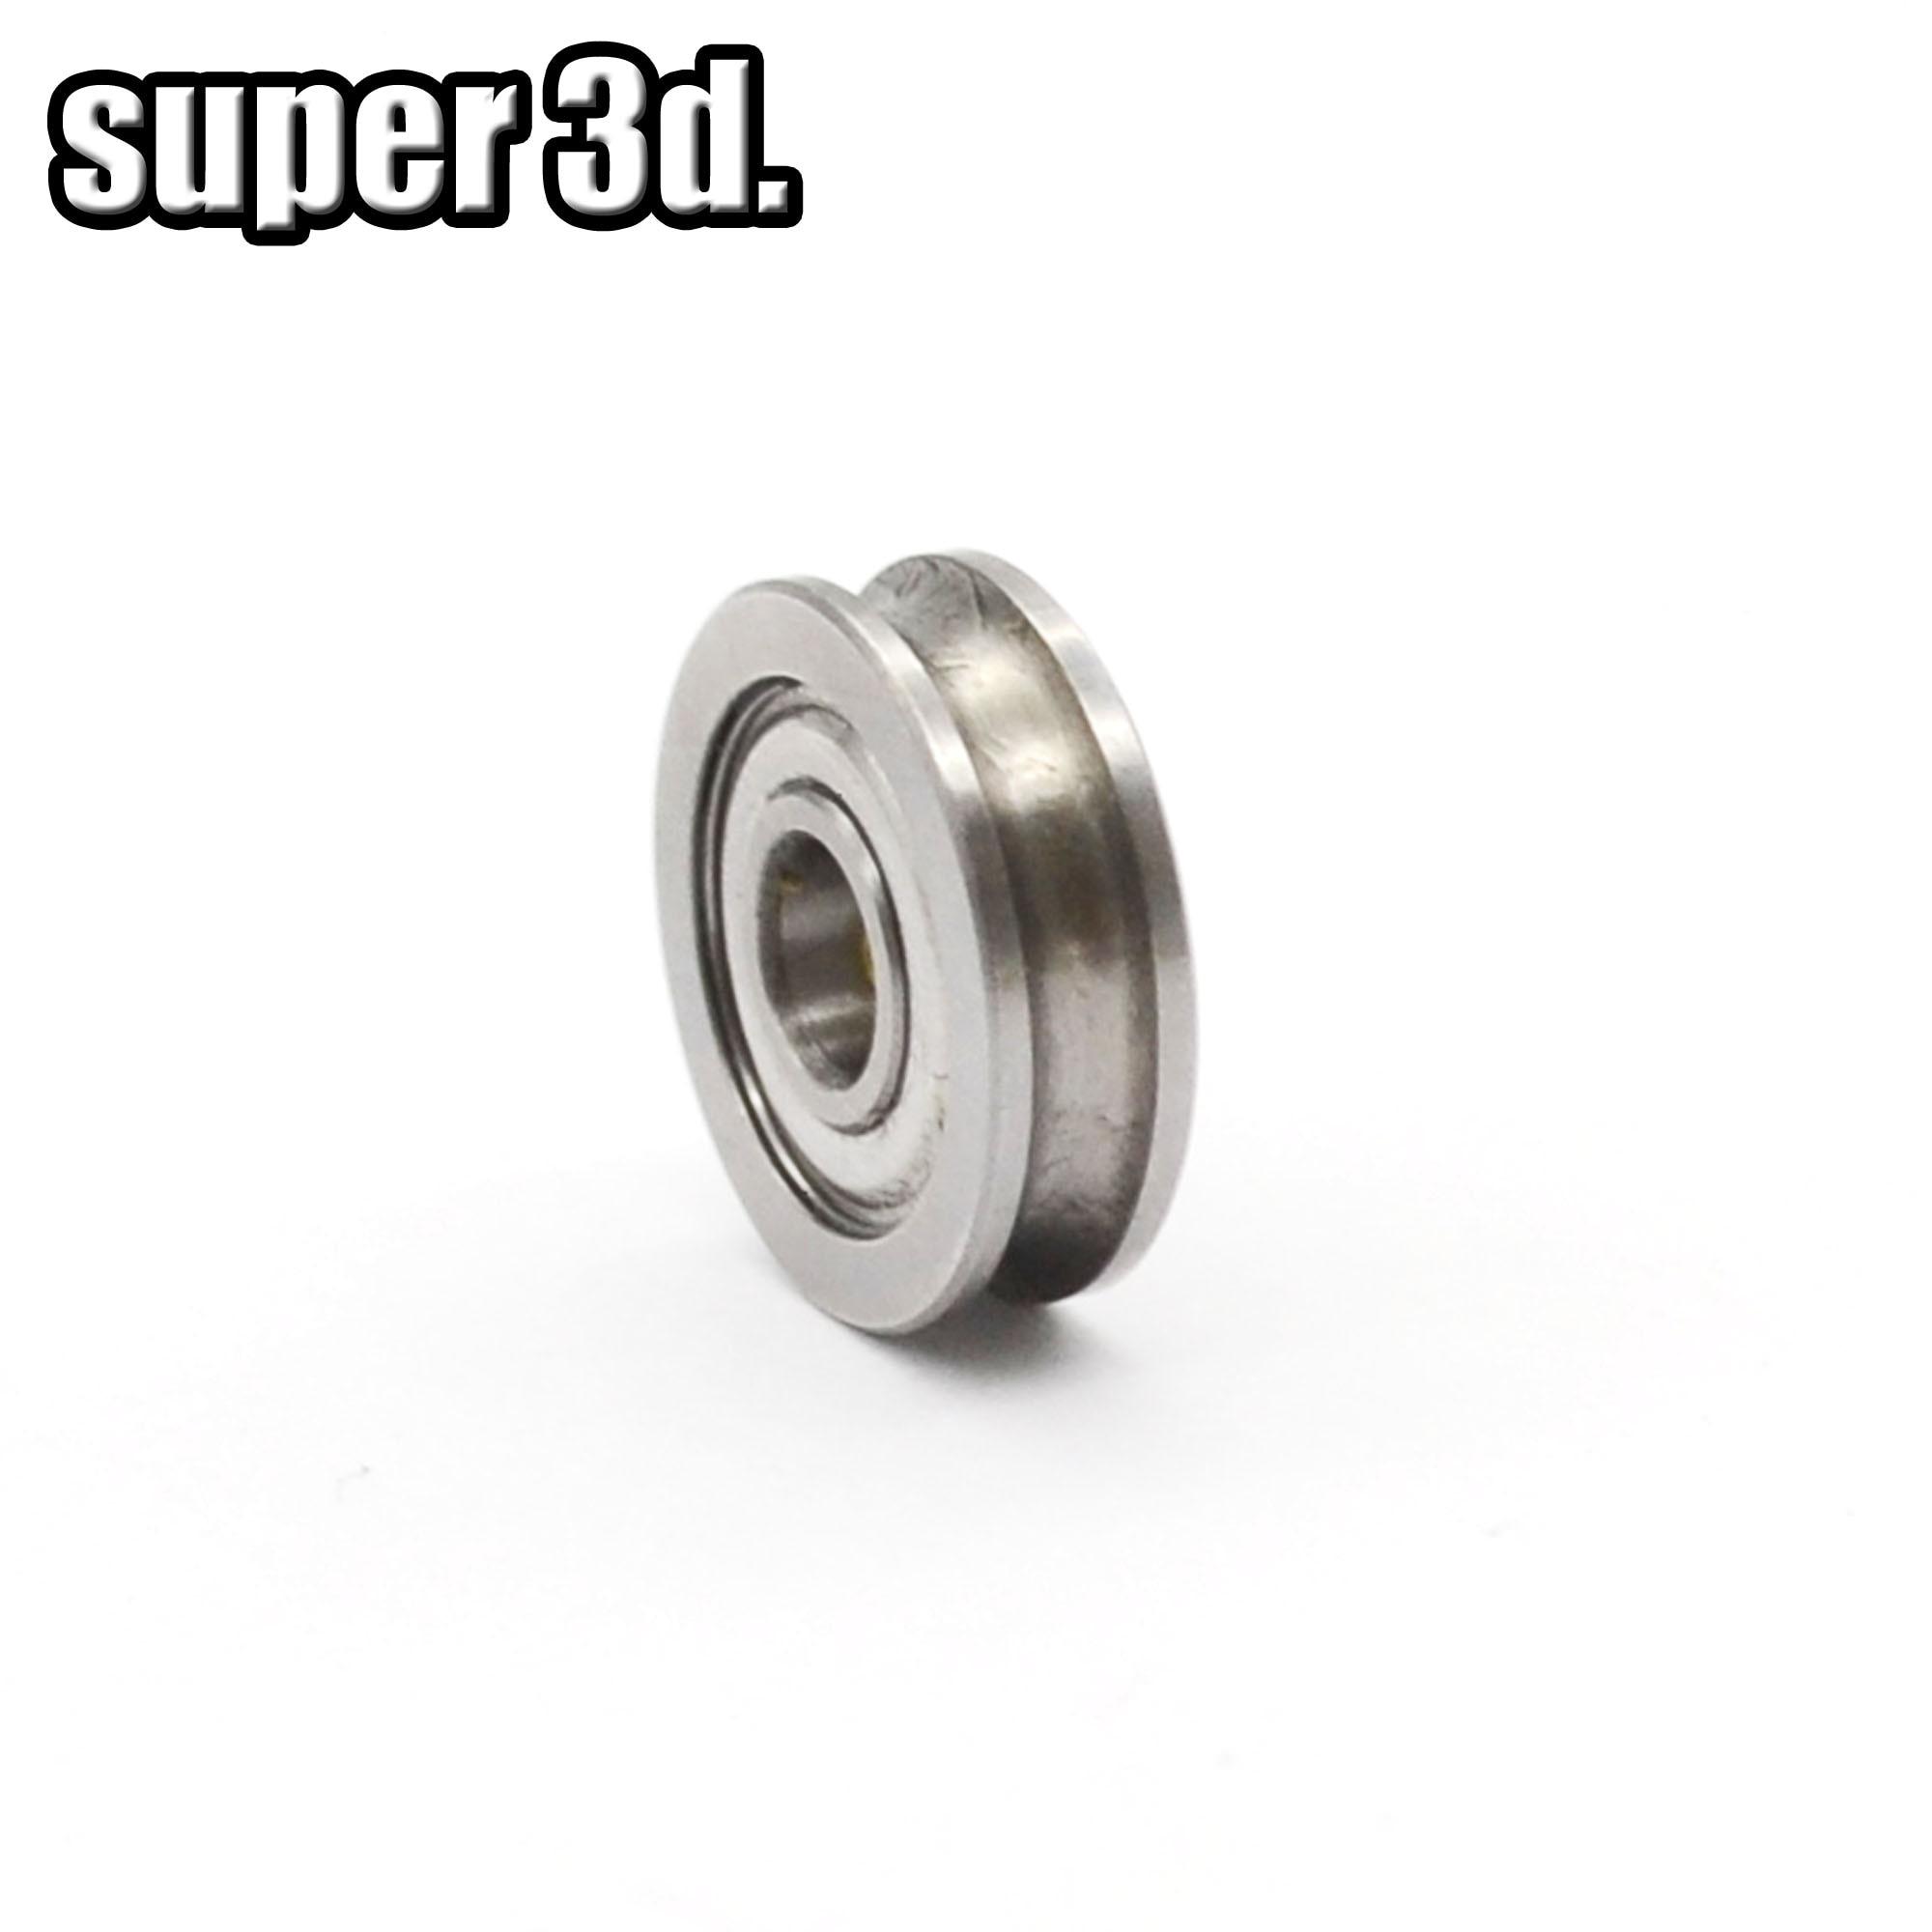 Ball Bearing 604zz-688zz Deep Groove Ball Bearing For CNC RepRap 3D Printer